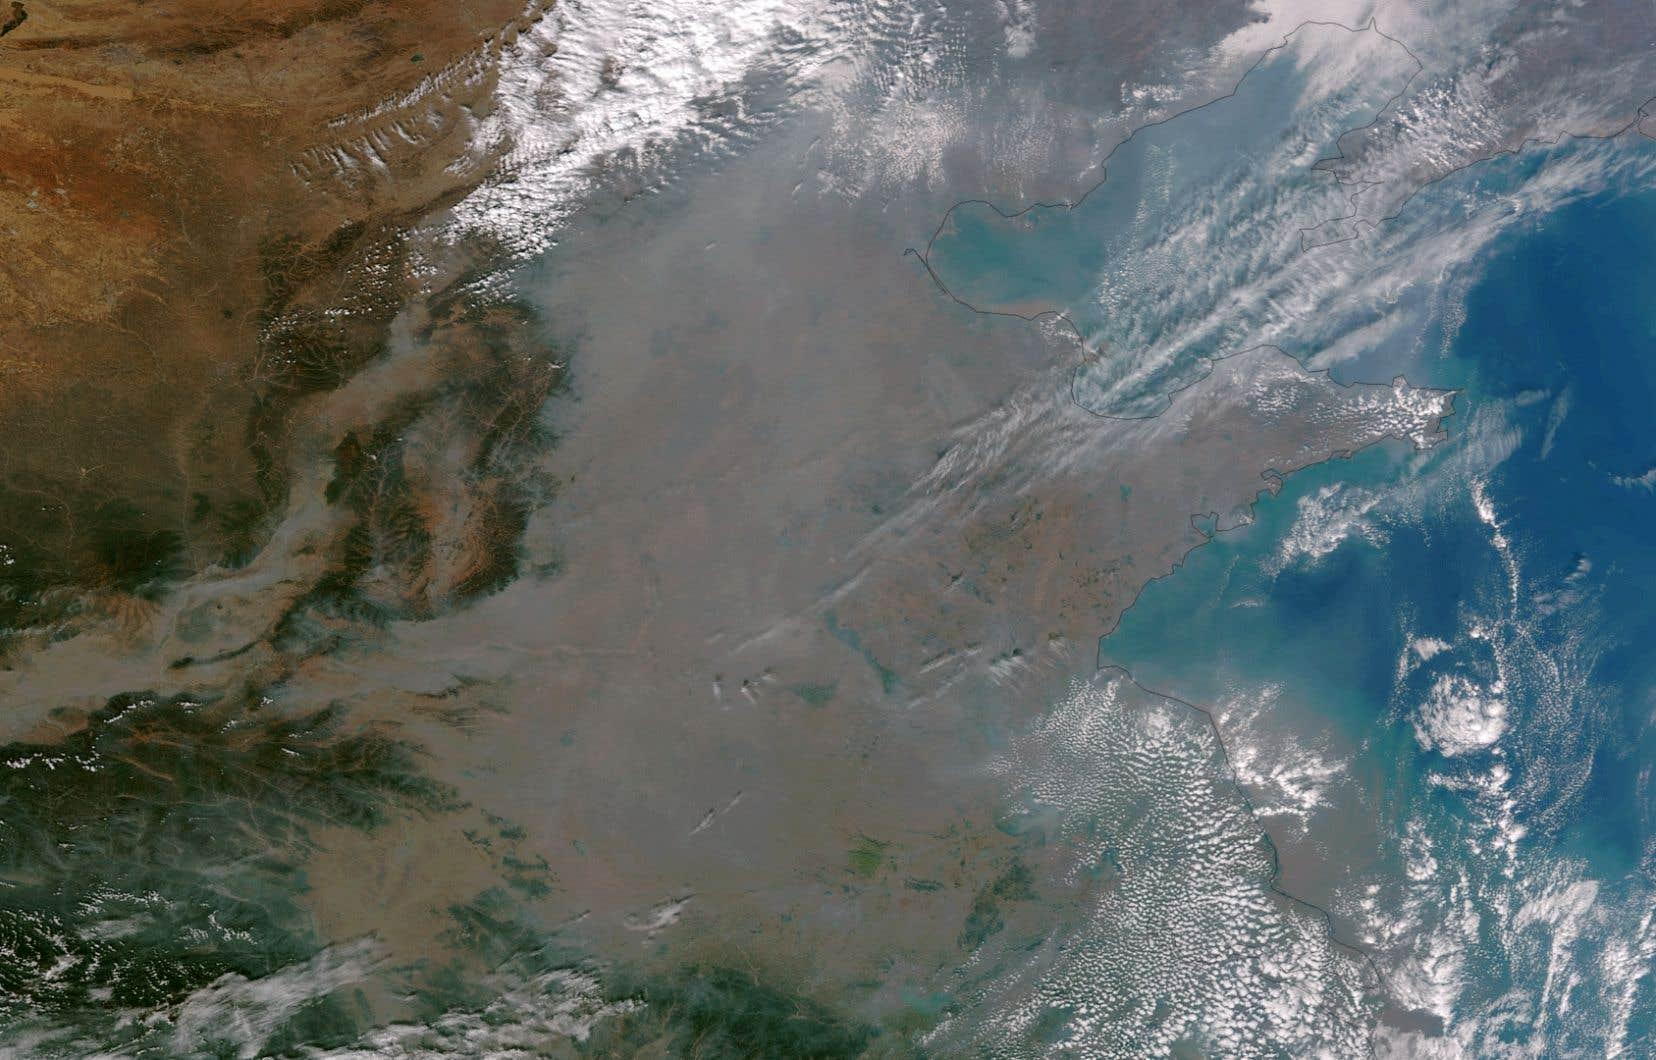 L'image diffusée par la NOAA donne à voir un épais nuage gris qui recouvre entièrement la ville et les régions avoisinantes.